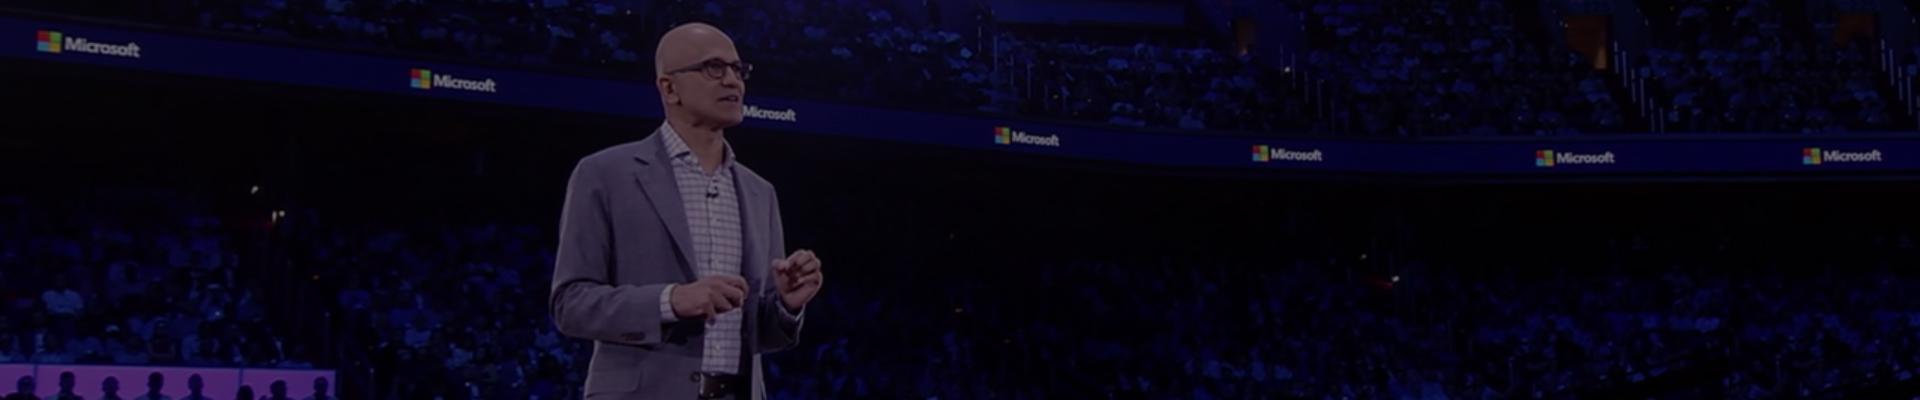 Katso Satyan Microsoft 365 -ilmoitus